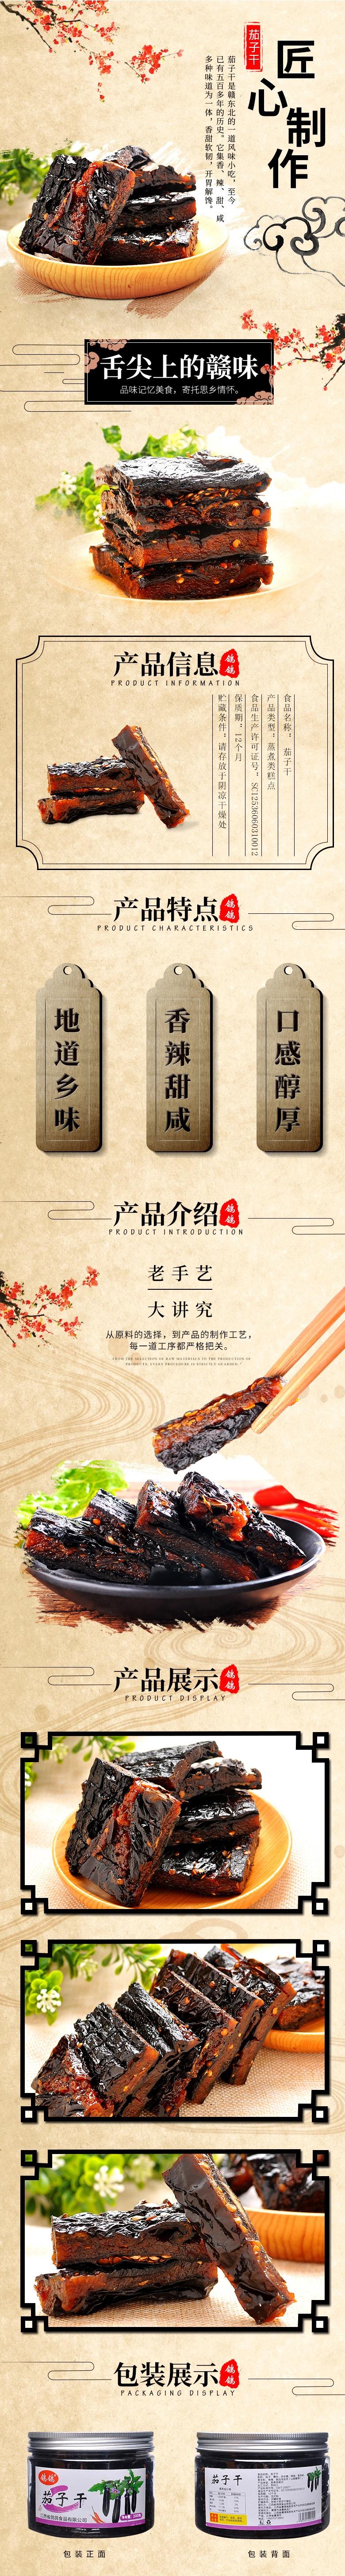 江西特产 鸽鸽精品茄子干休闲办公室零食200g/罐